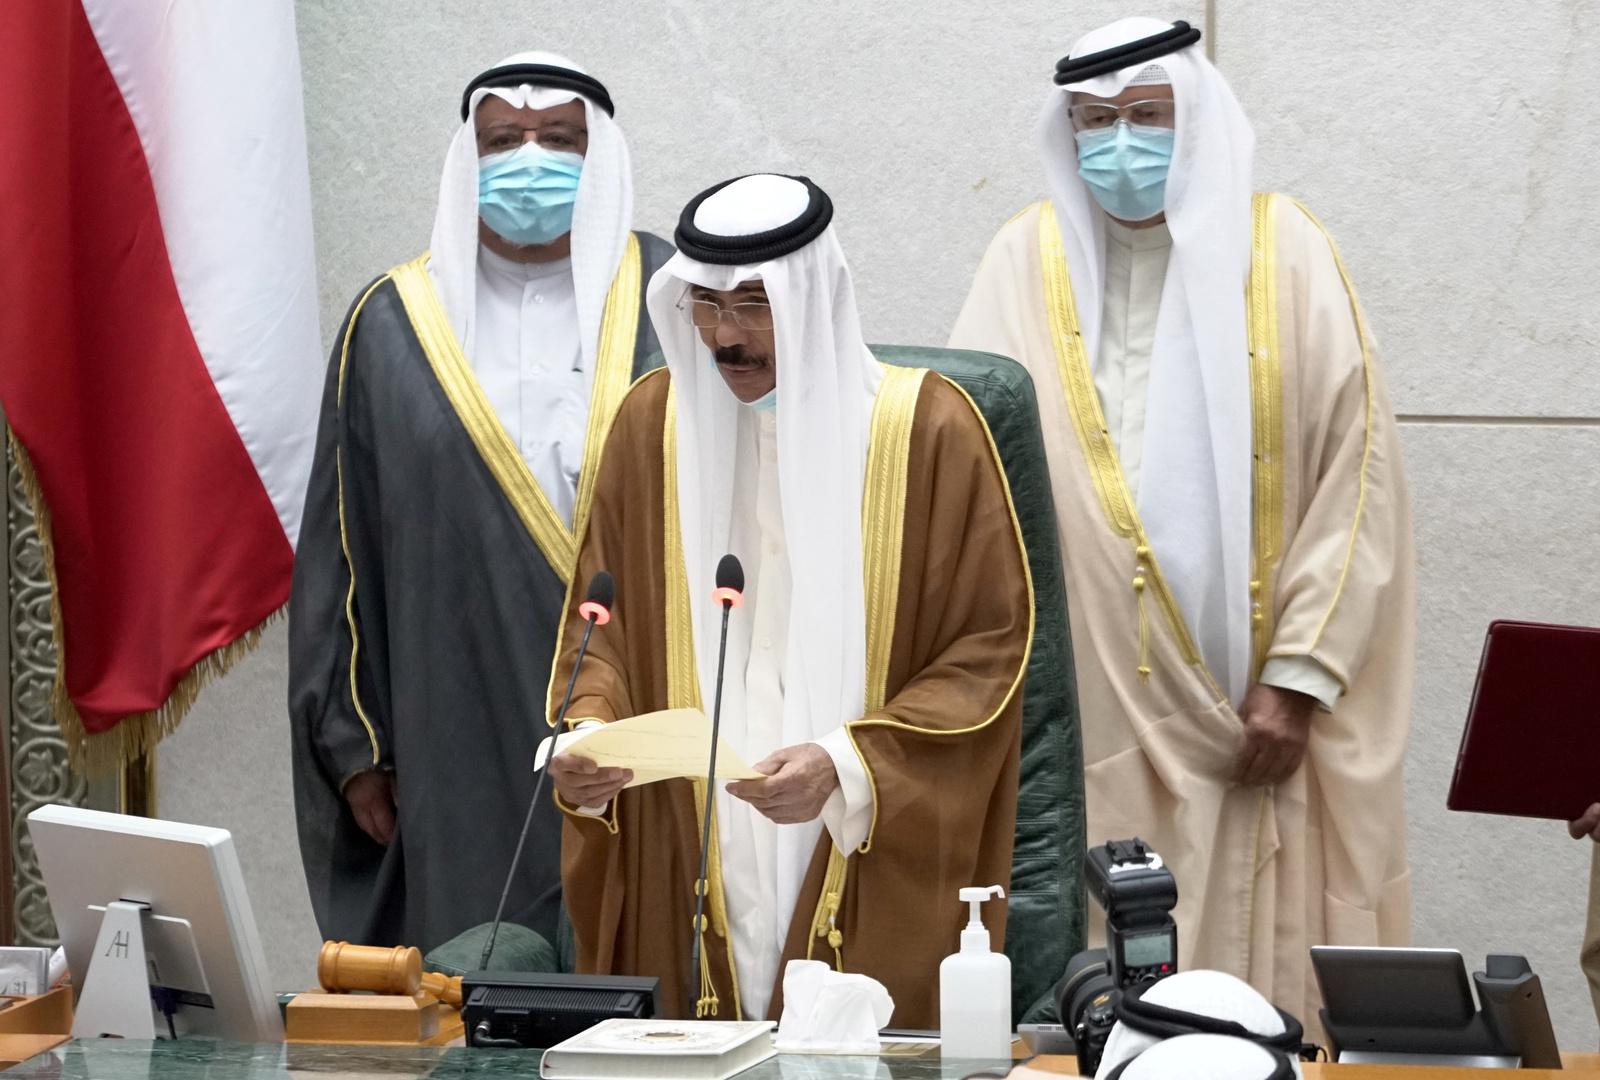 حوار وطني بين السلطتين التشريعية والتنفيدية في الكويت بأمر من أمير البلاد